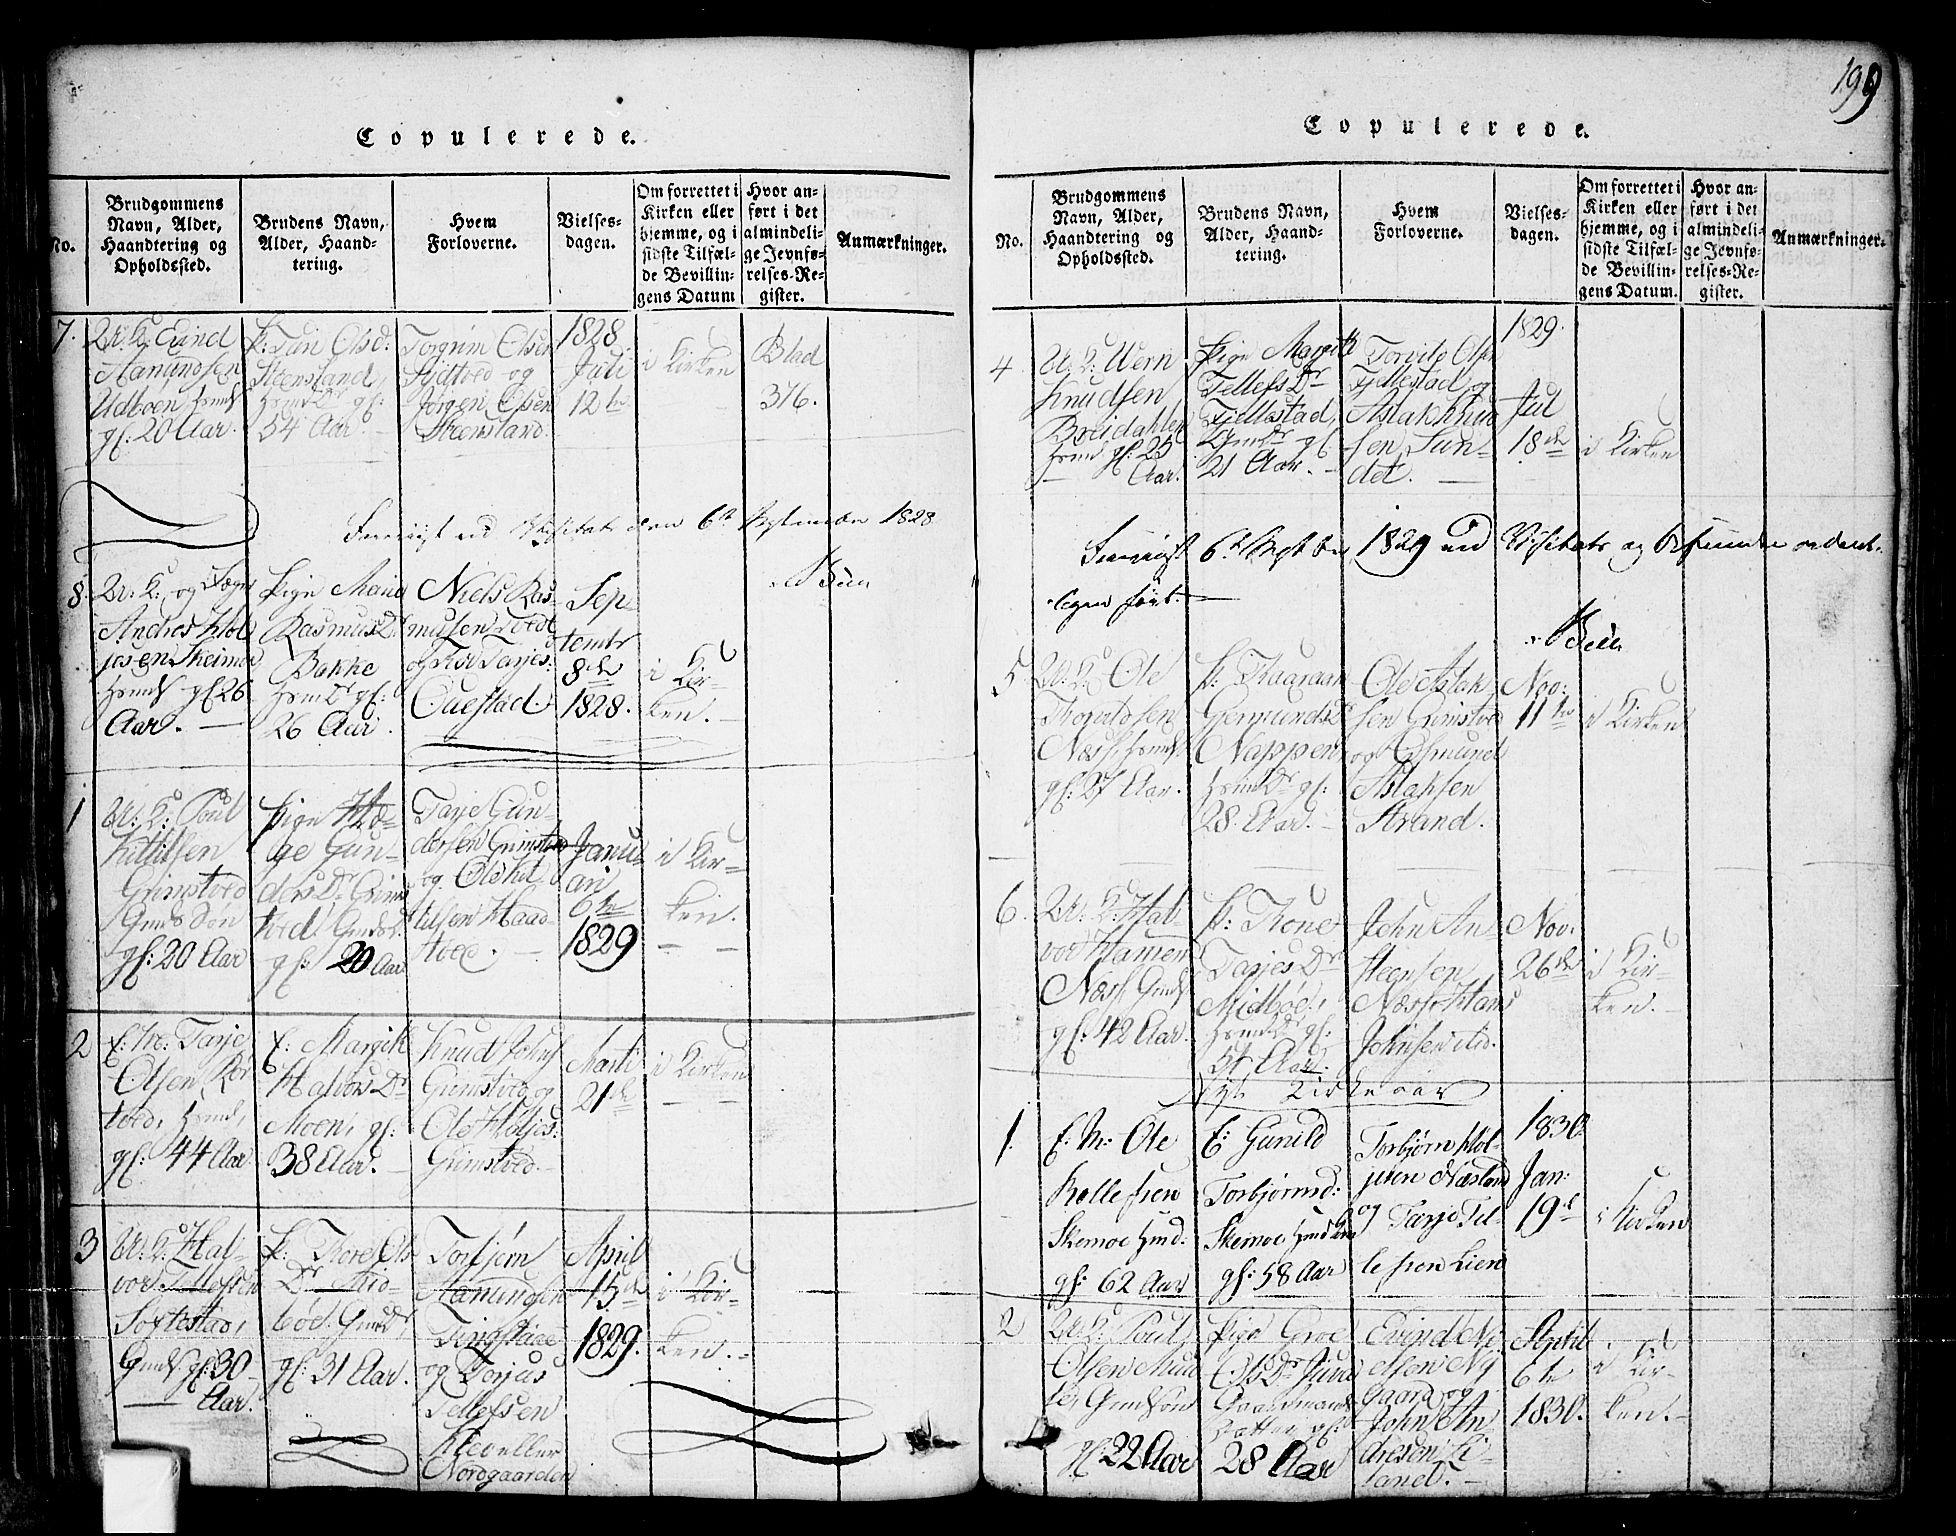 SAKO, Nissedal kirkebøker, G/Ga/L0001: Klokkerbok nr. I 1, 1814-1860, s. 199